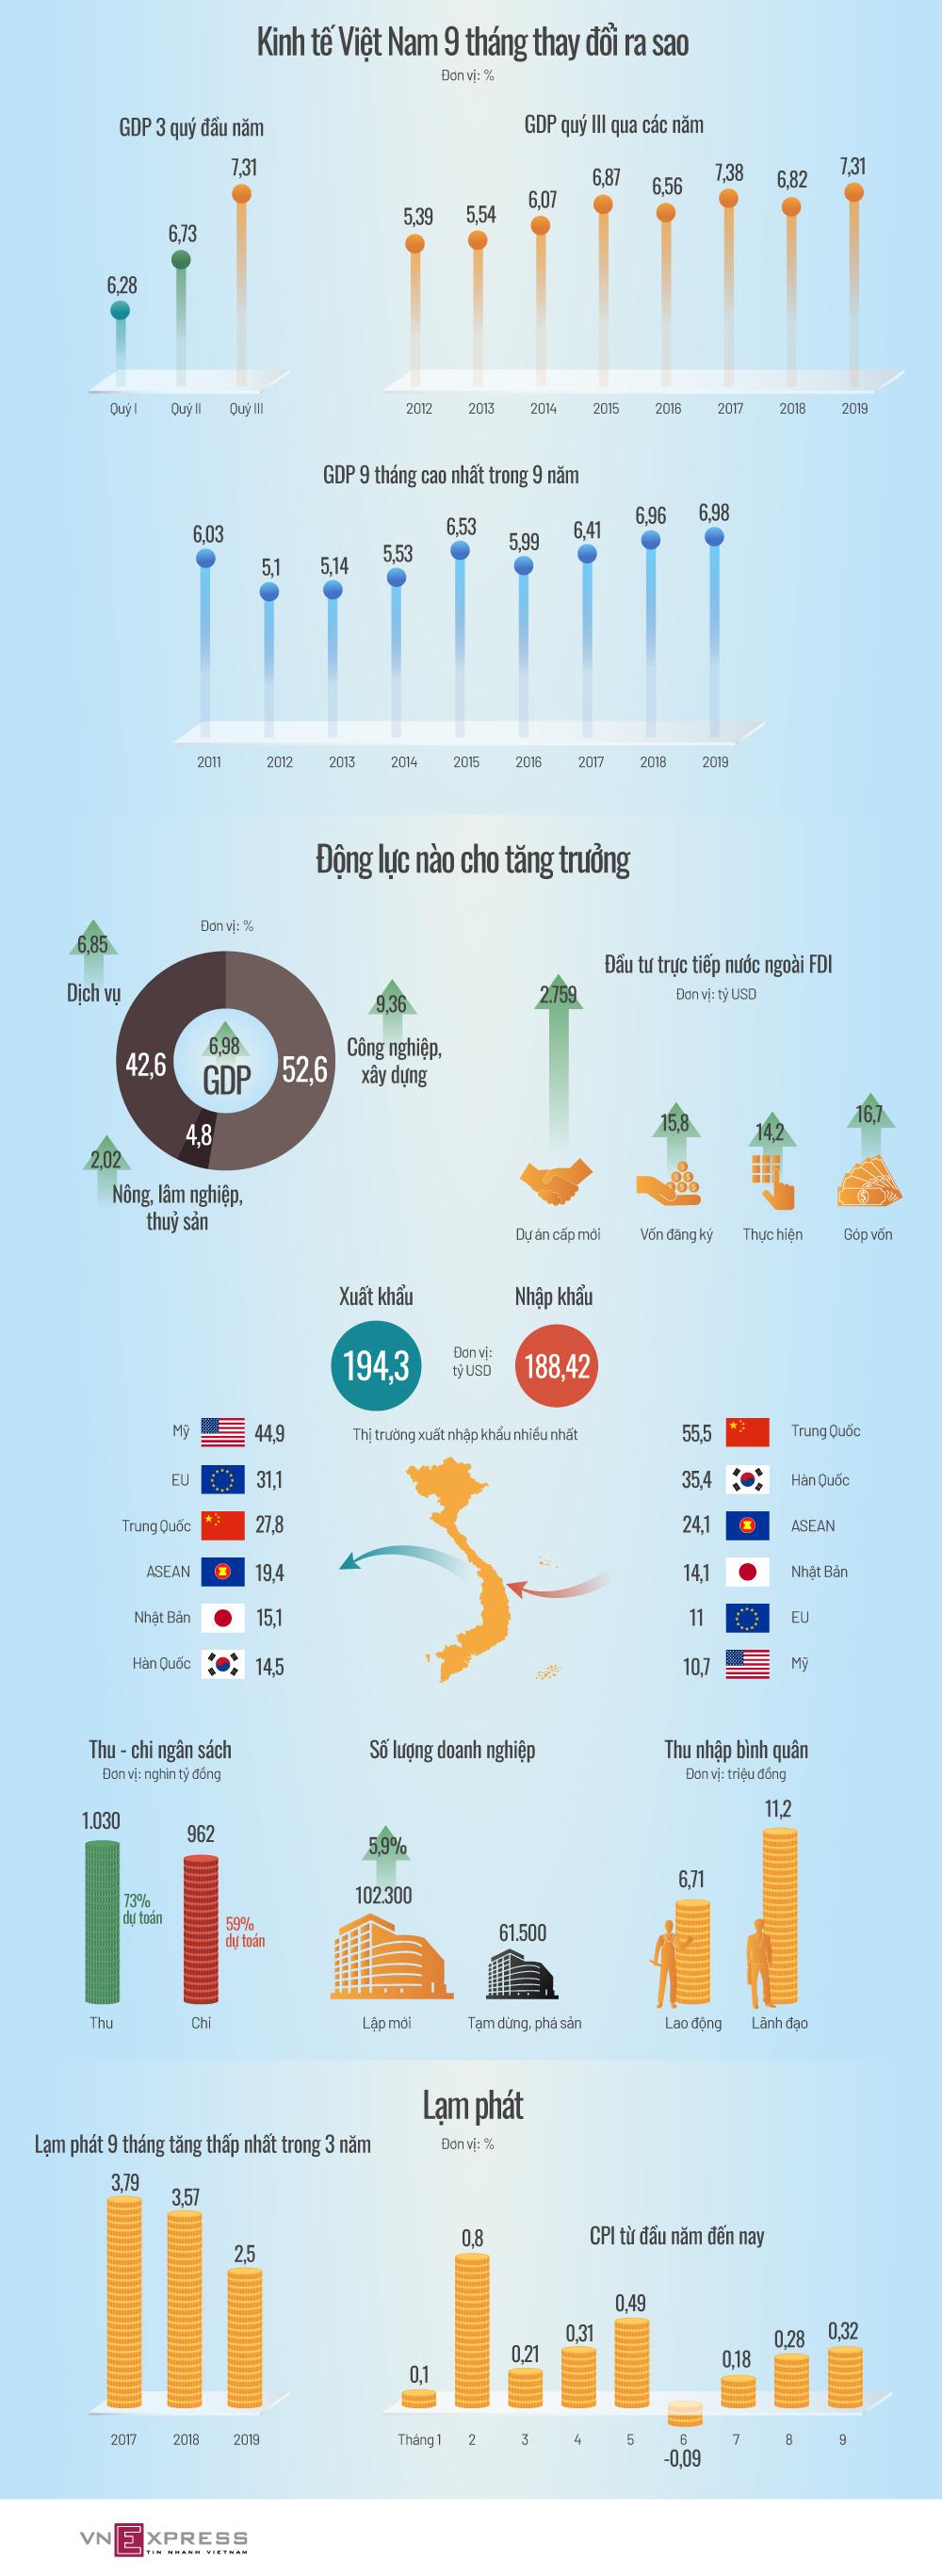 Kinh tế Việt Nam bứt tốc